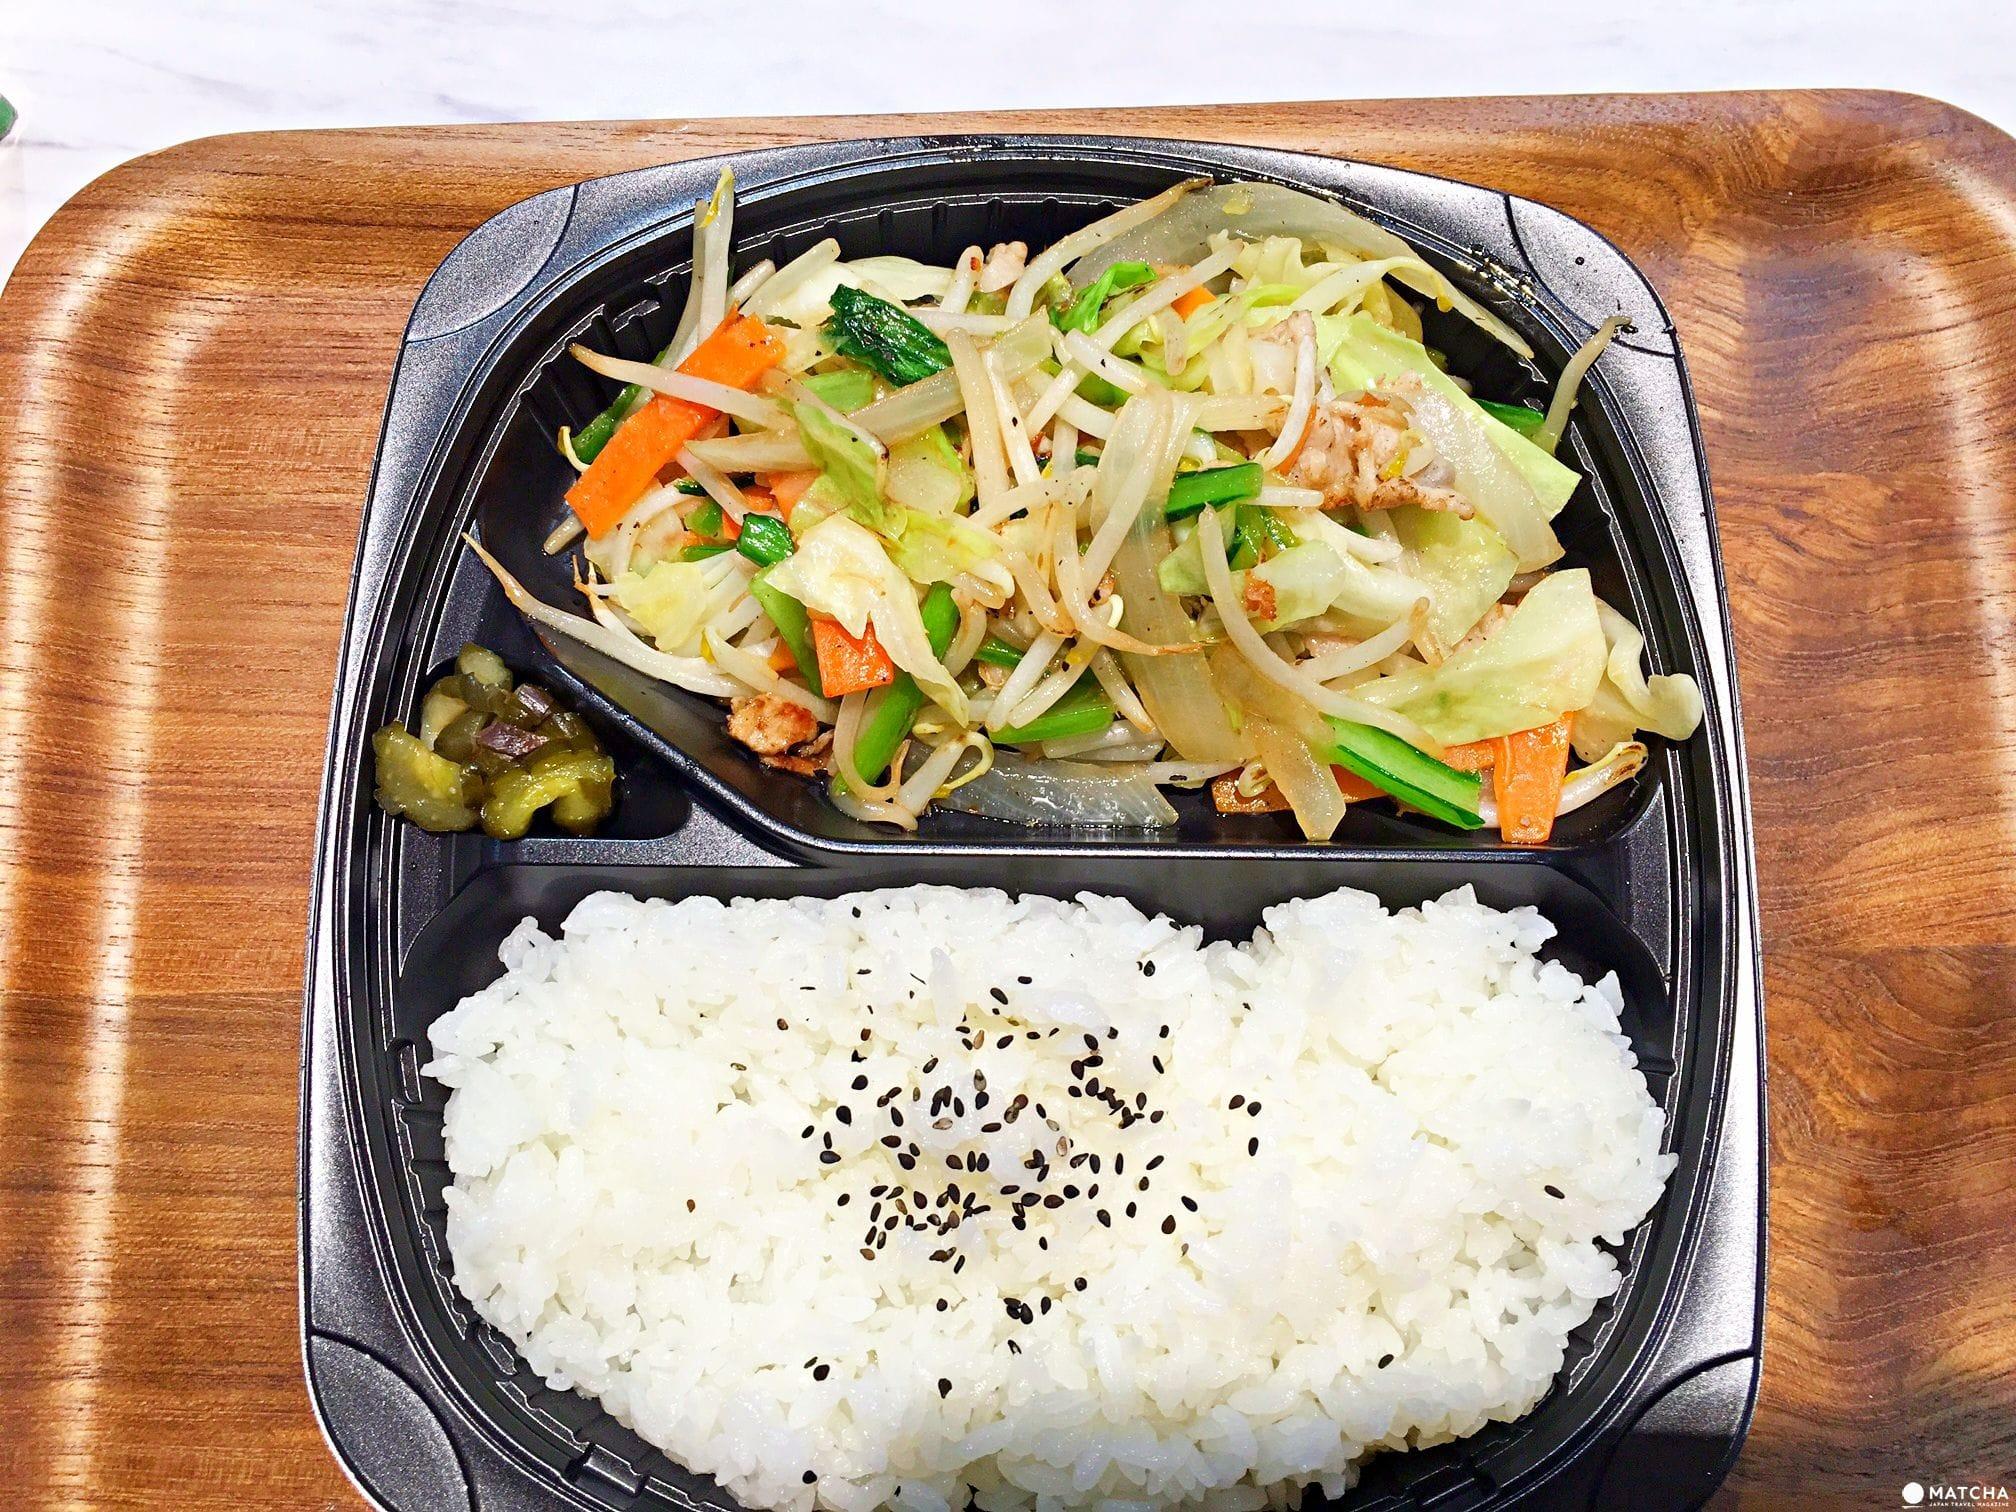 日本上班族都吃這個啦!24小時現做自助家常菜便當店